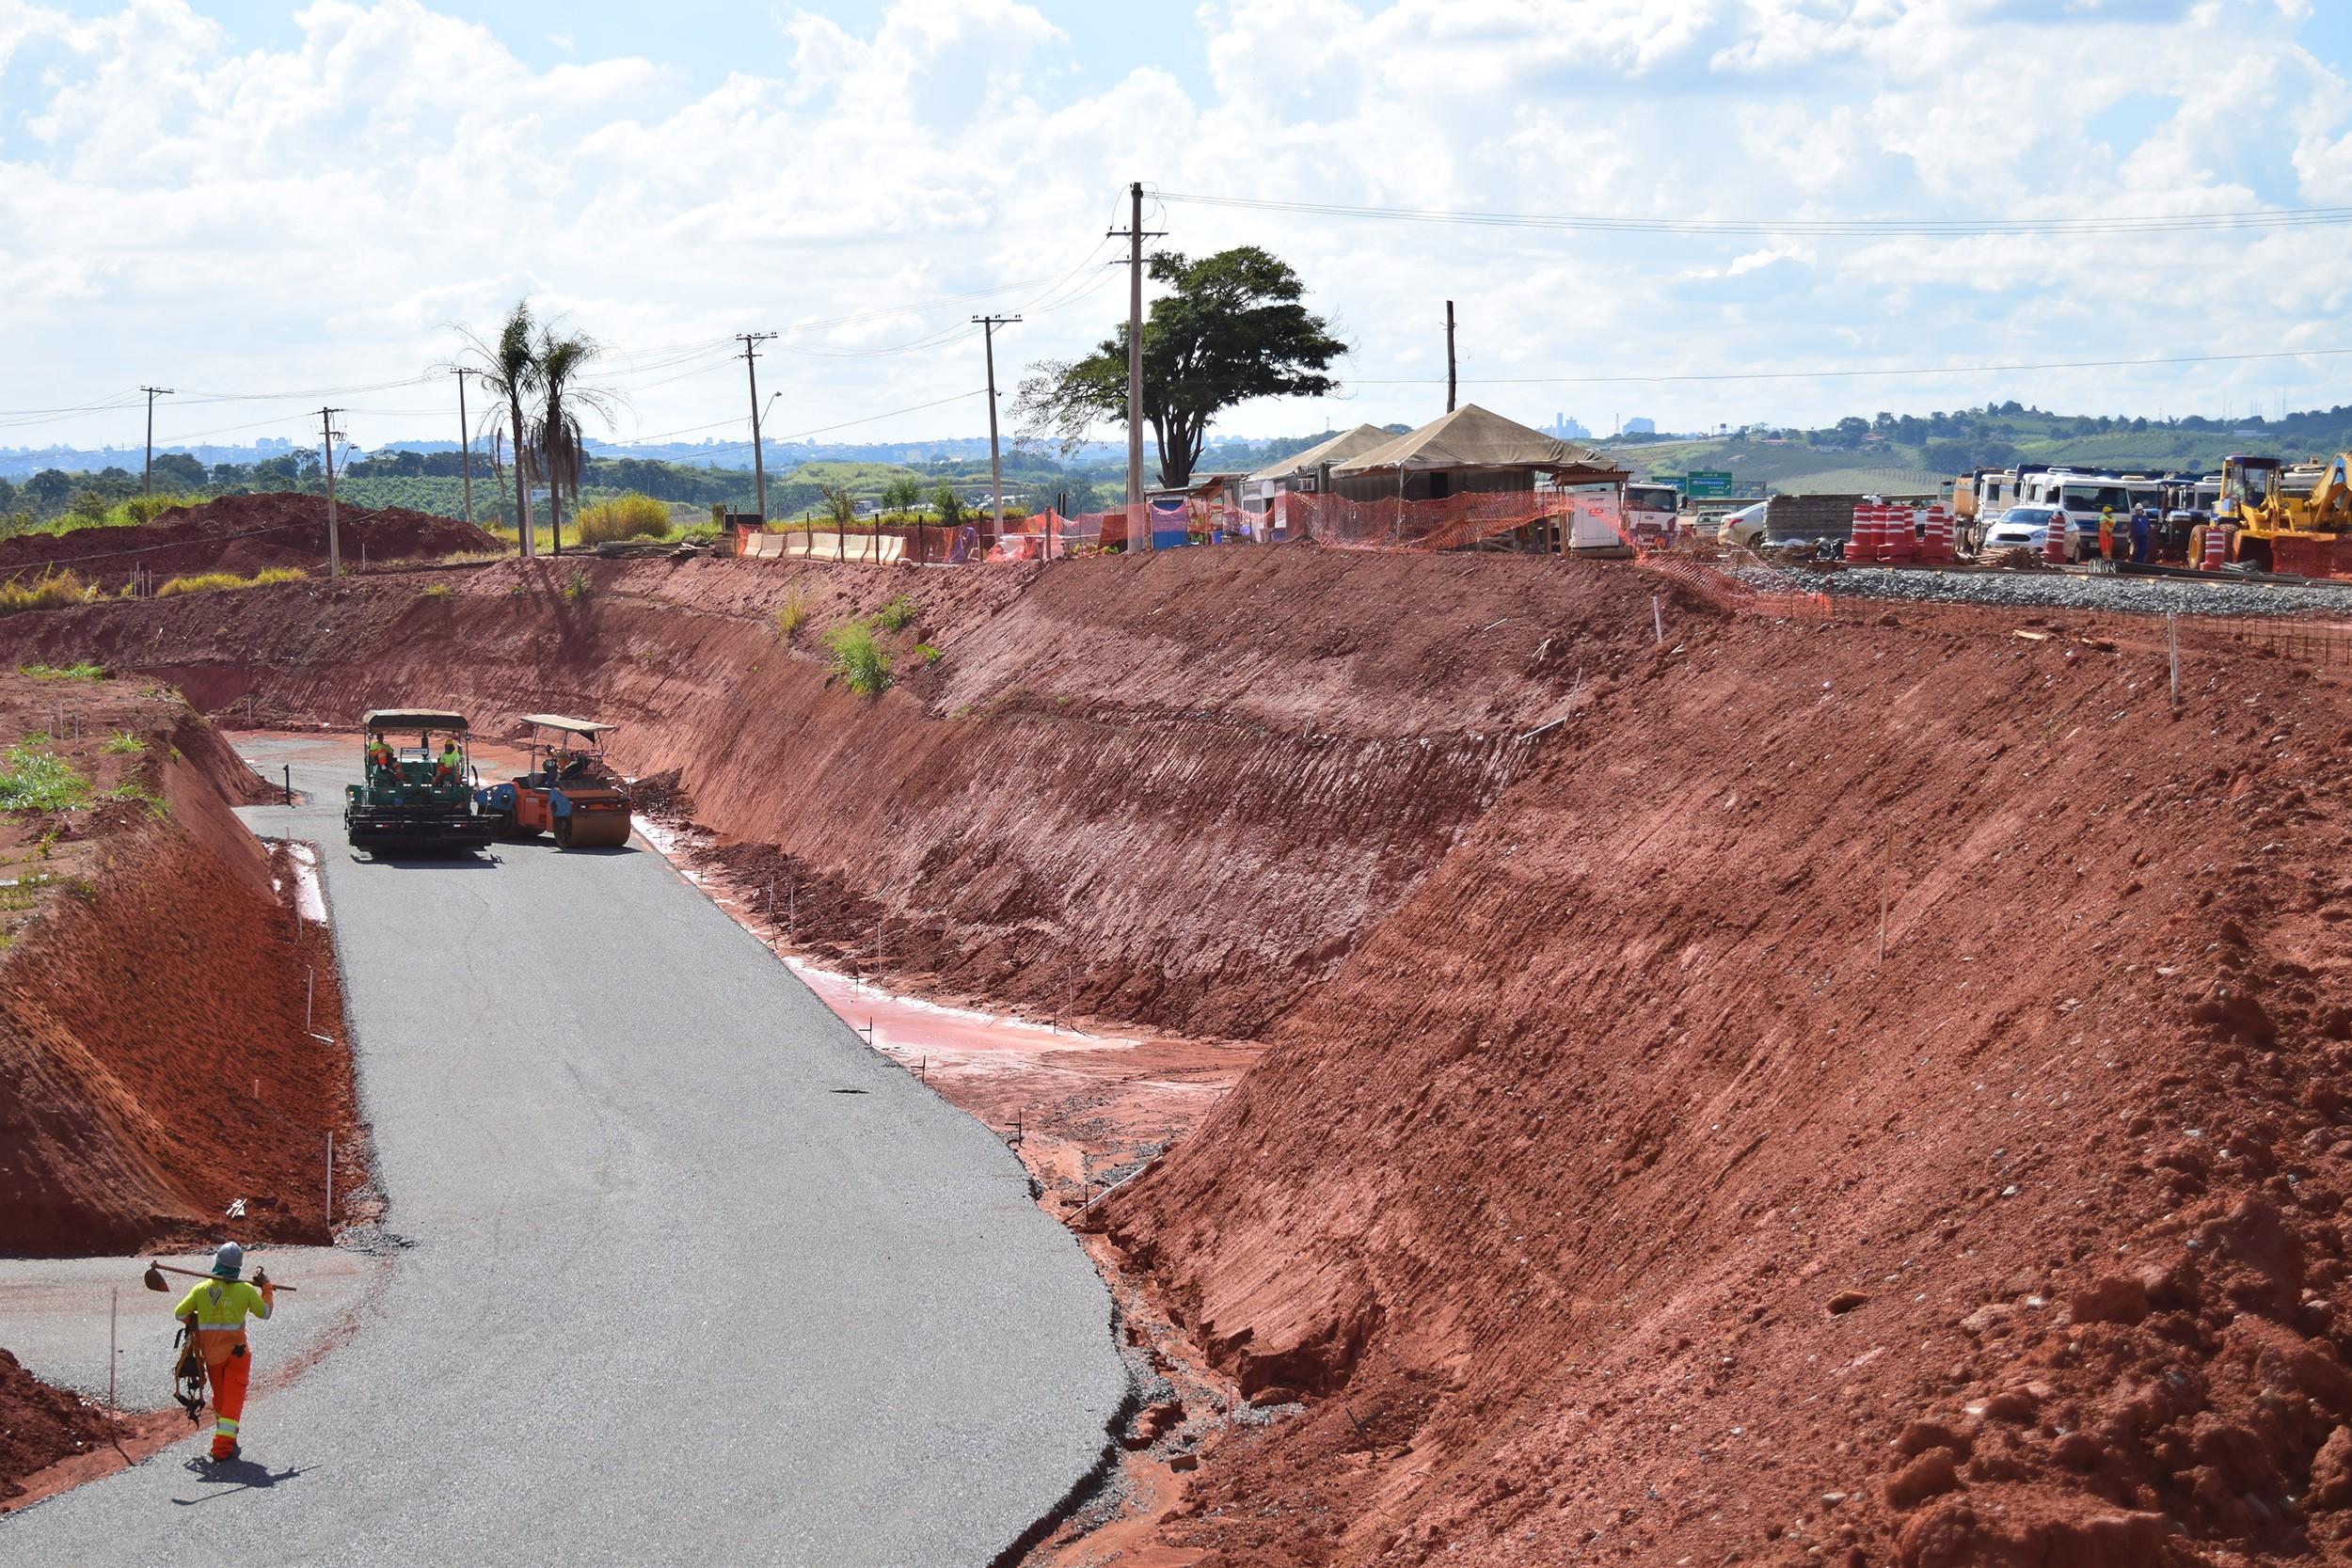 Com atraso de 1 ano e à espera de licença ambiental, prolongamento de anel viário em Campinas tem data incerta para conclusão